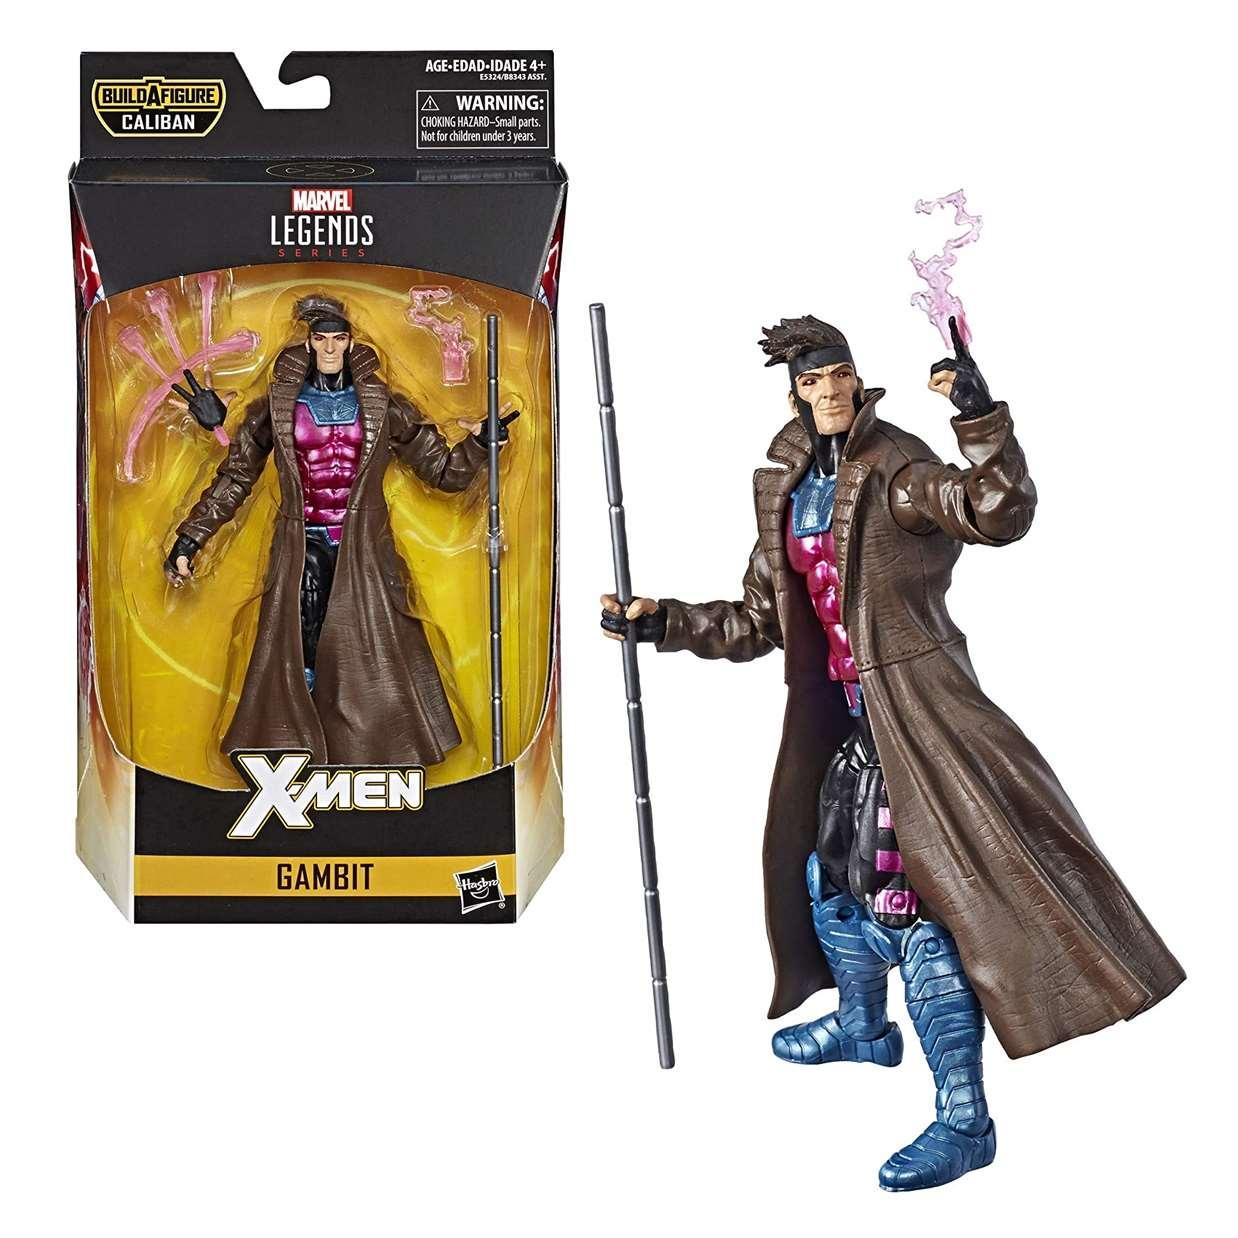 Gambit Figura Marvel B A F Caliban X Men Legends 6 Pulg